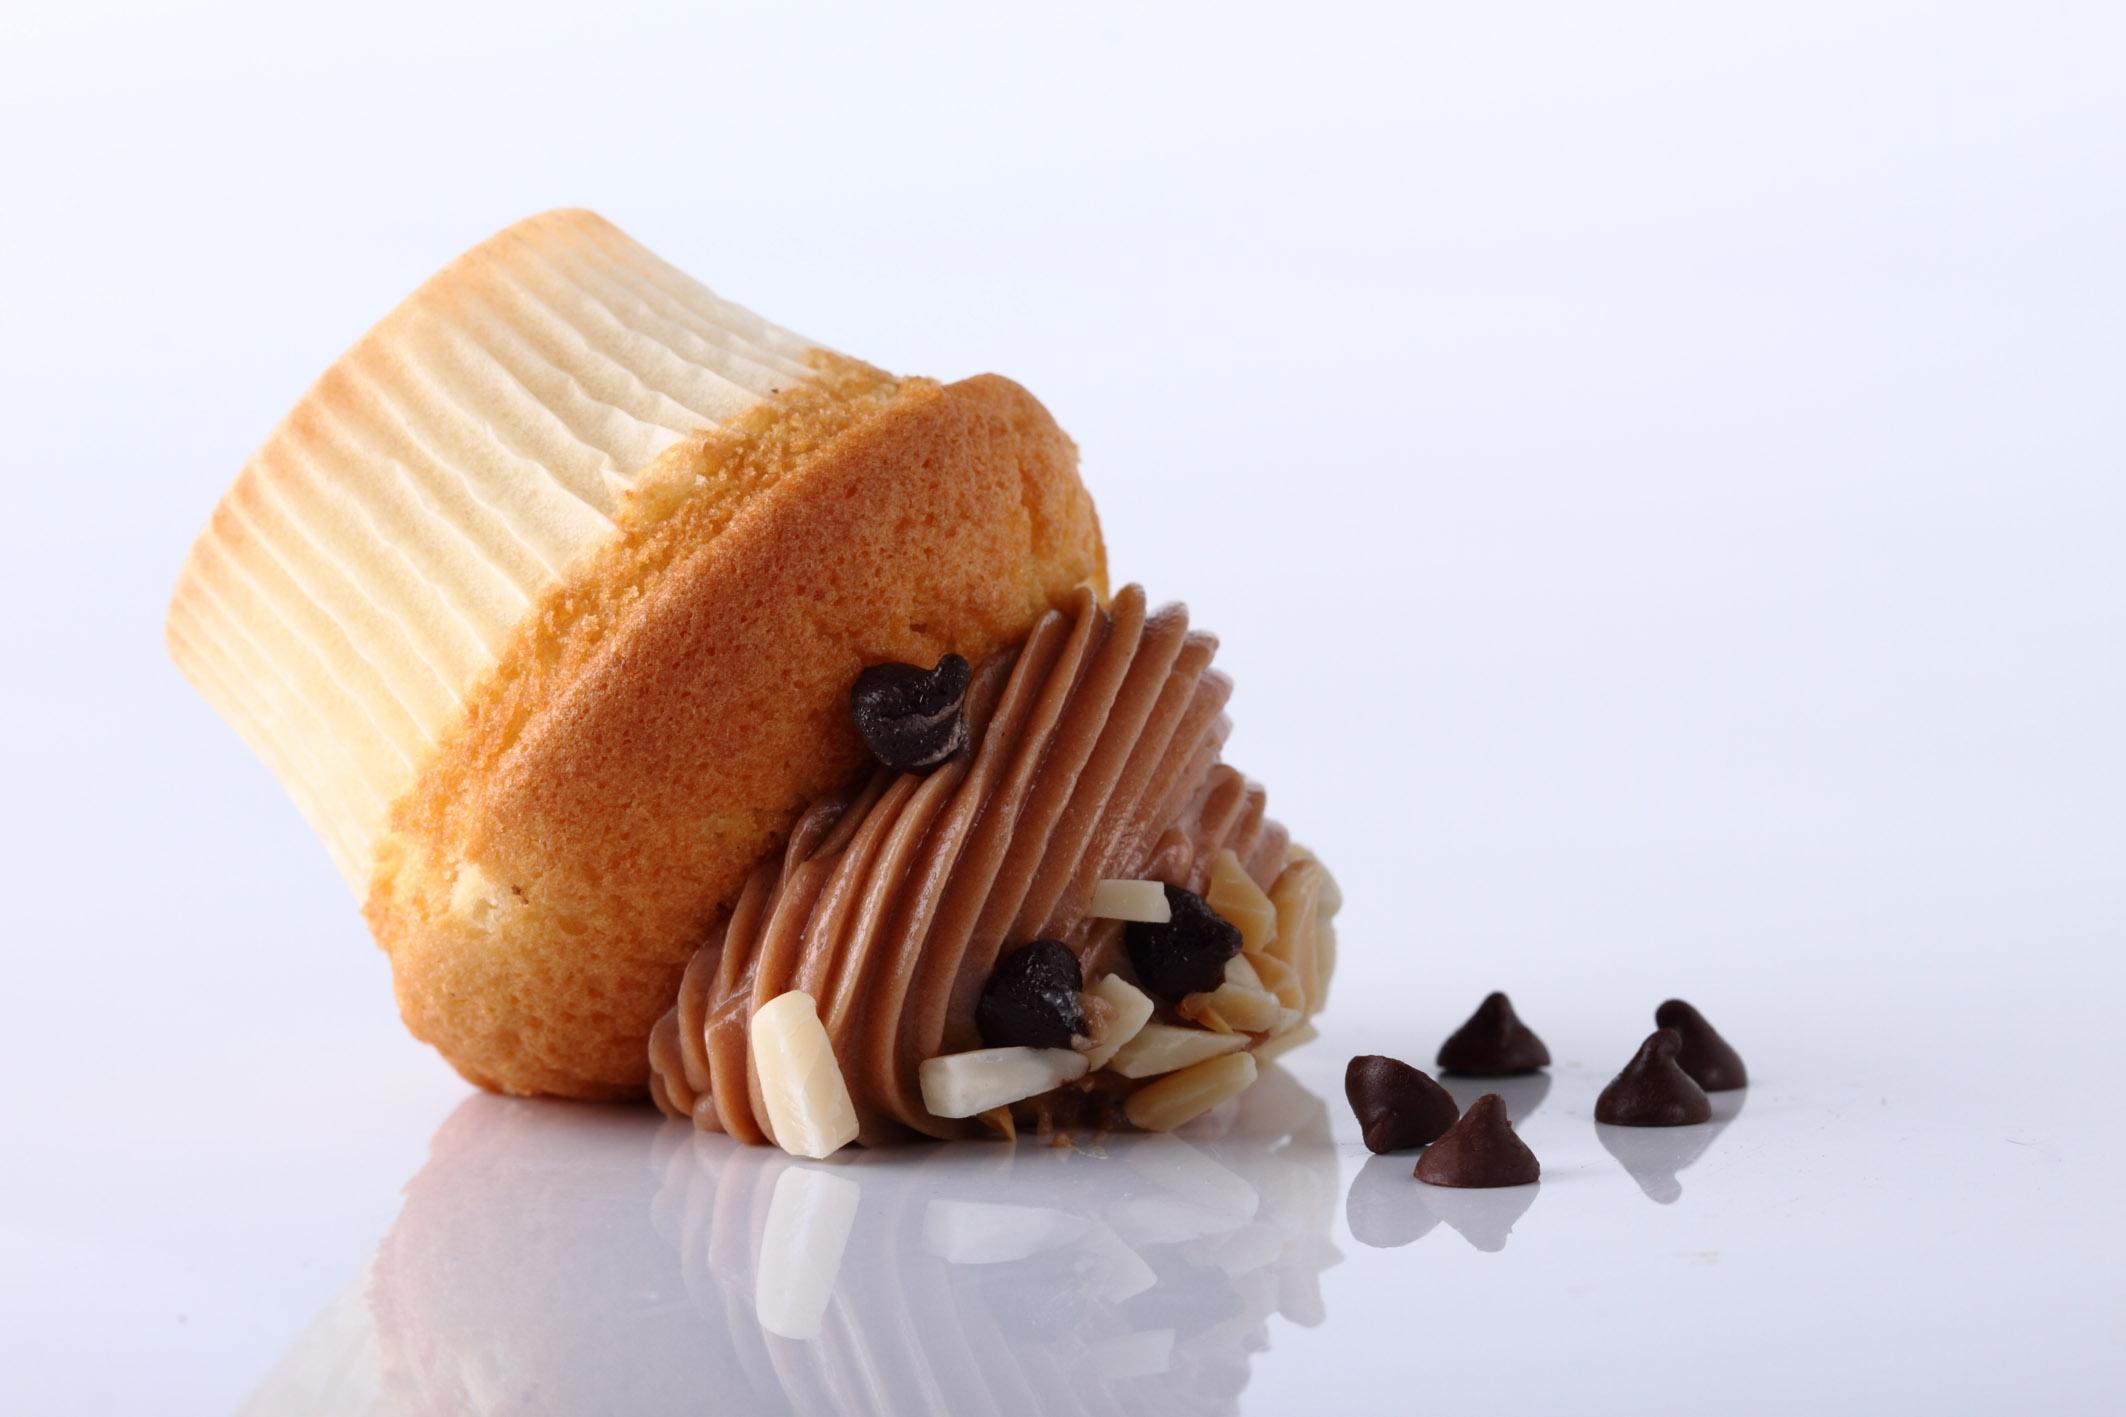 BEWEZEN: Vertrouw niet op de vijfsecondenregel als je eten laat vallen